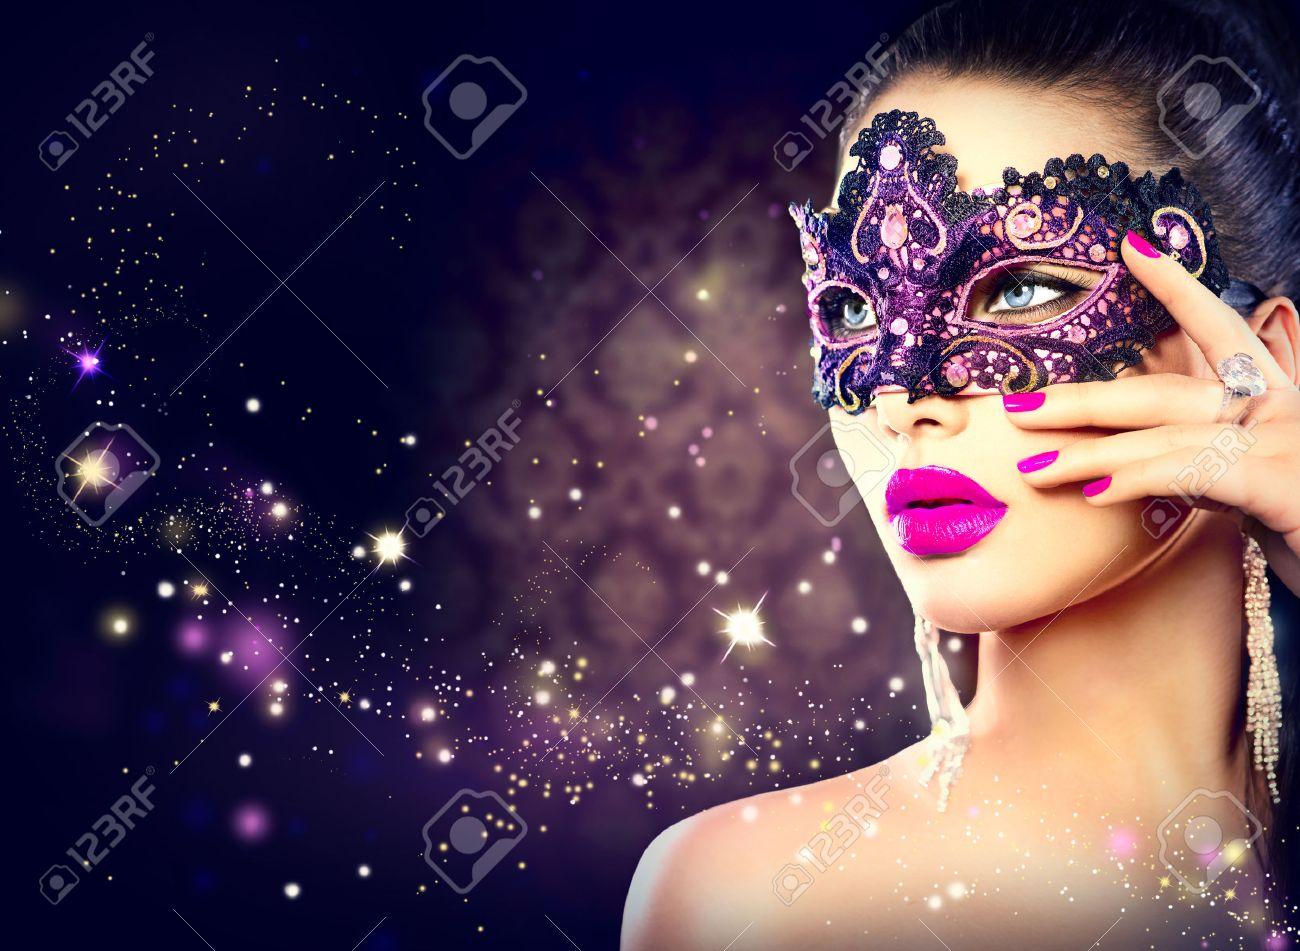 Сексуальные девушки в карнавальных масках 5 фотография